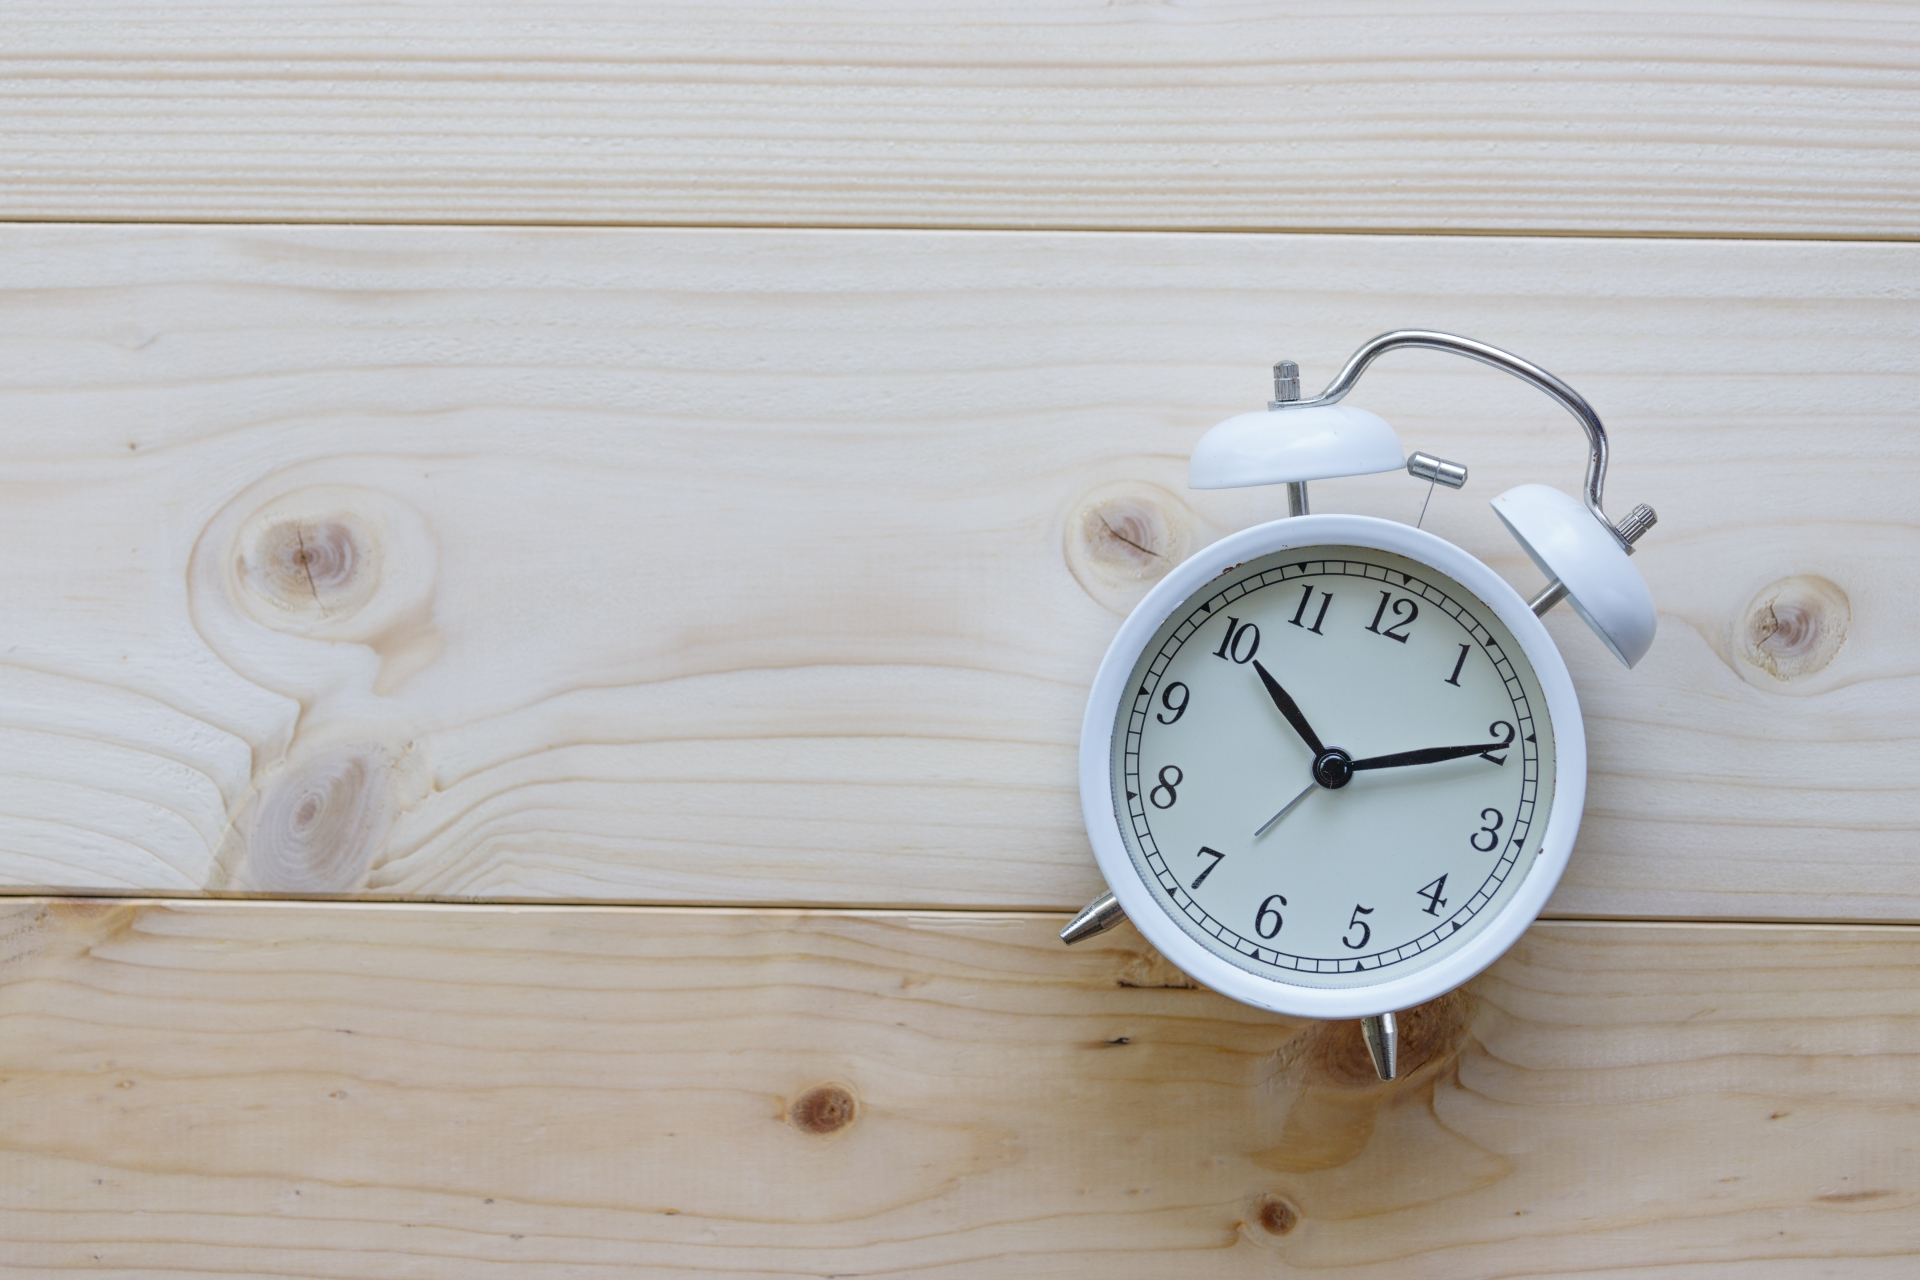 待ち合わせの遅刻で帰る方がいい場合と遅刻の心理や対処法